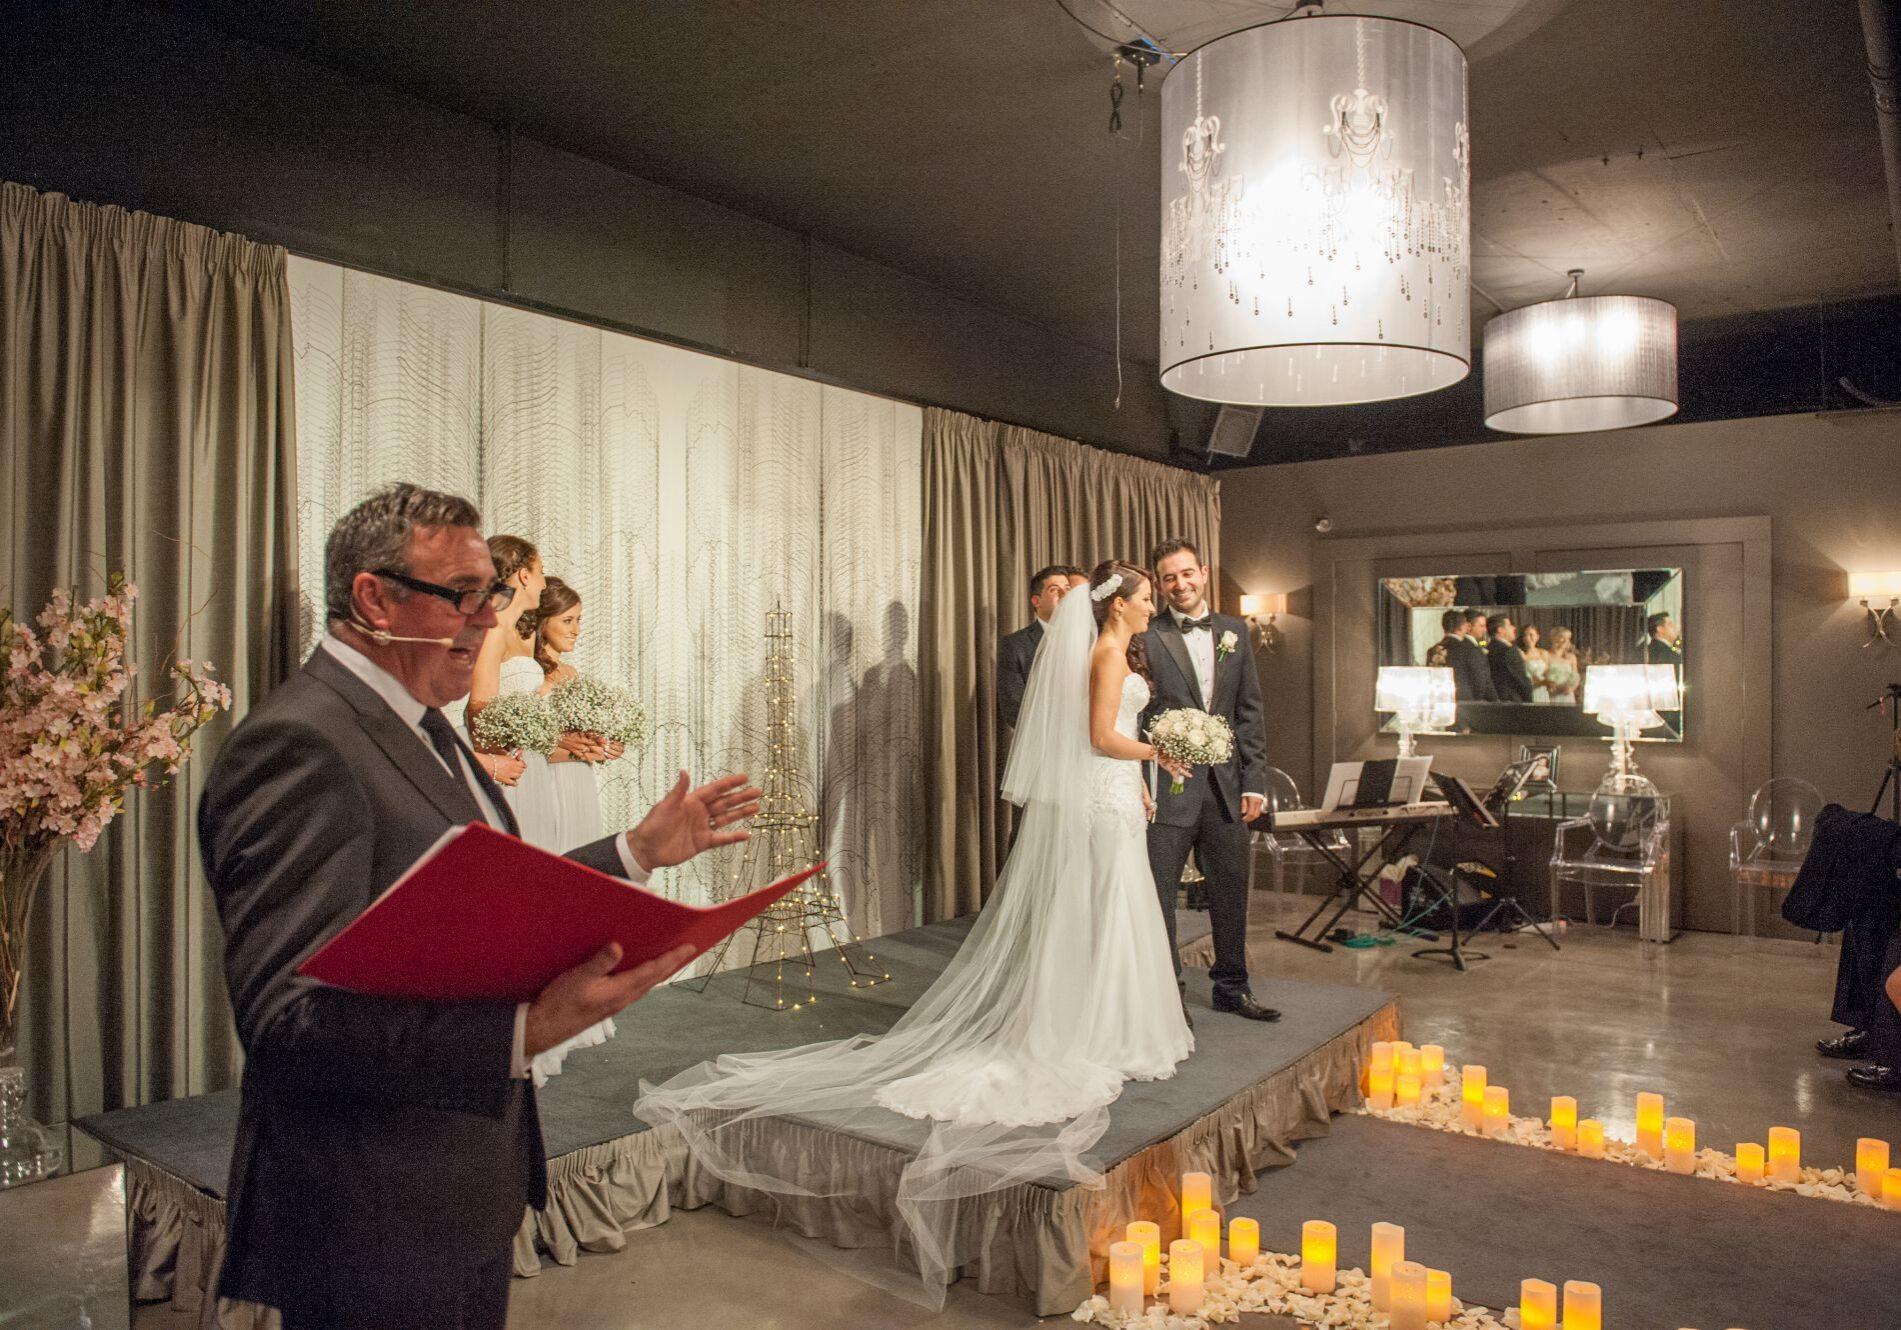 Ceremony Venue in Melbourne